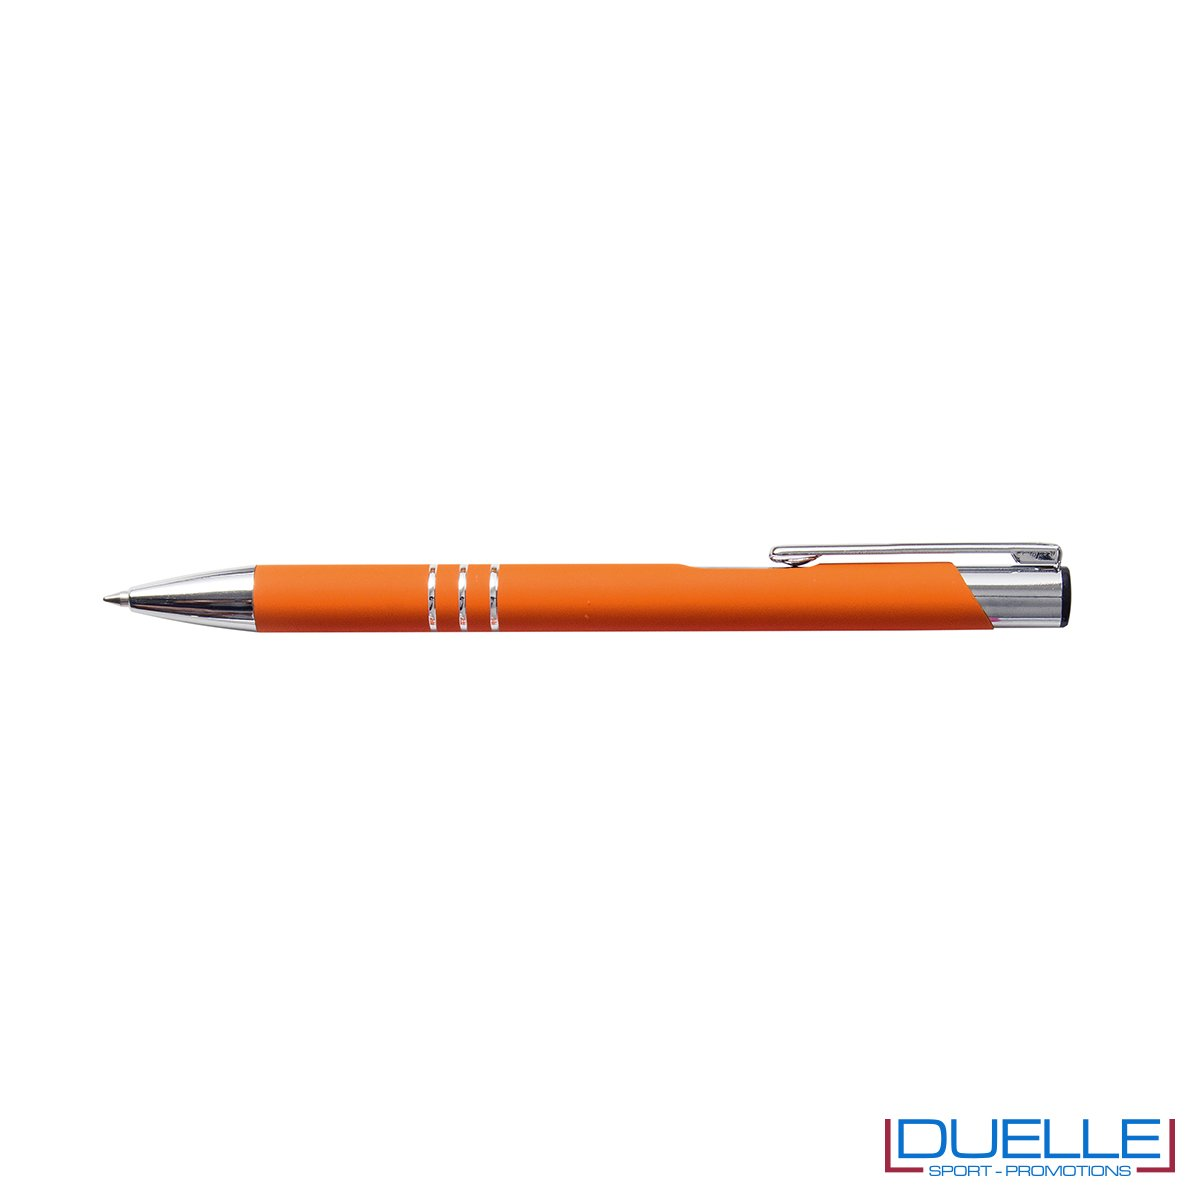 penna personalizzabile in metallo con finitura soft touch arancione, penne personalizzate promozionali soft touch arancioni